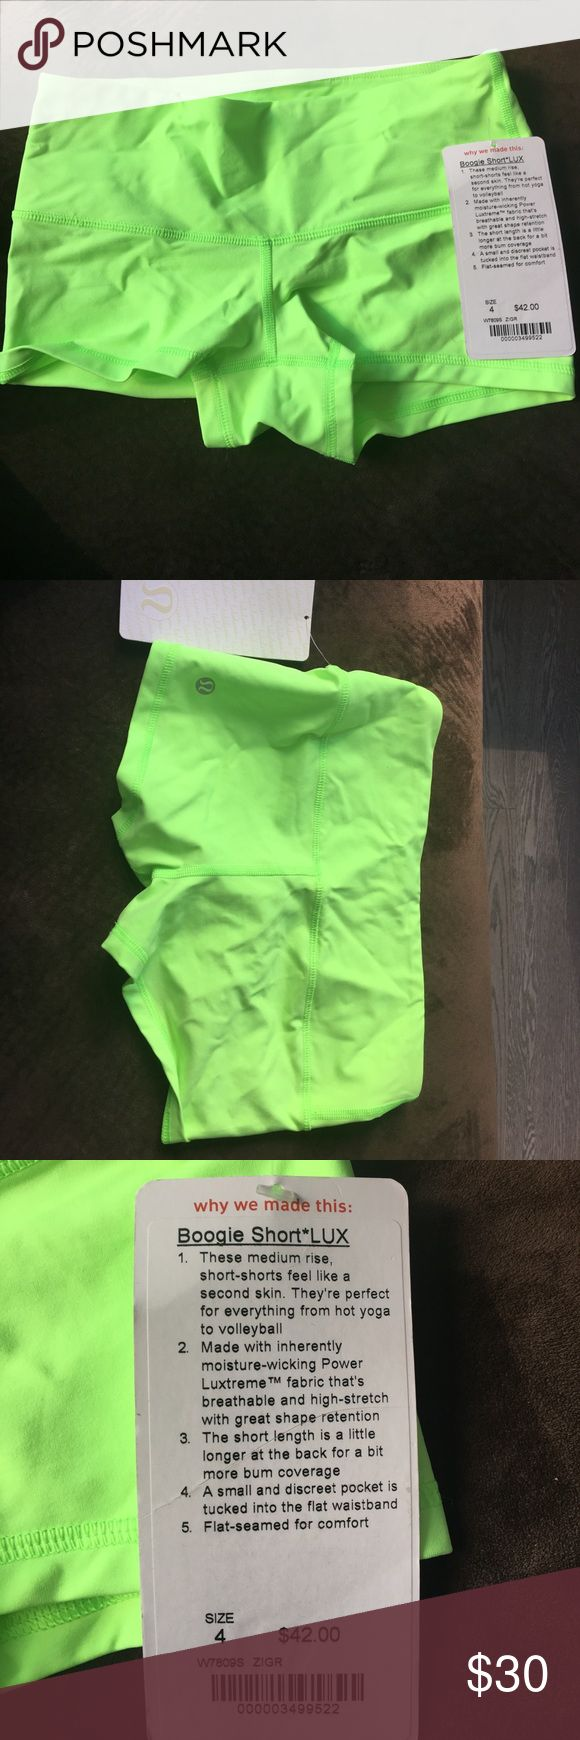 Lulu lemon workout shorts. Boogie shorts Lime green medium rise shorts lululemon athletica Shorts Skorts